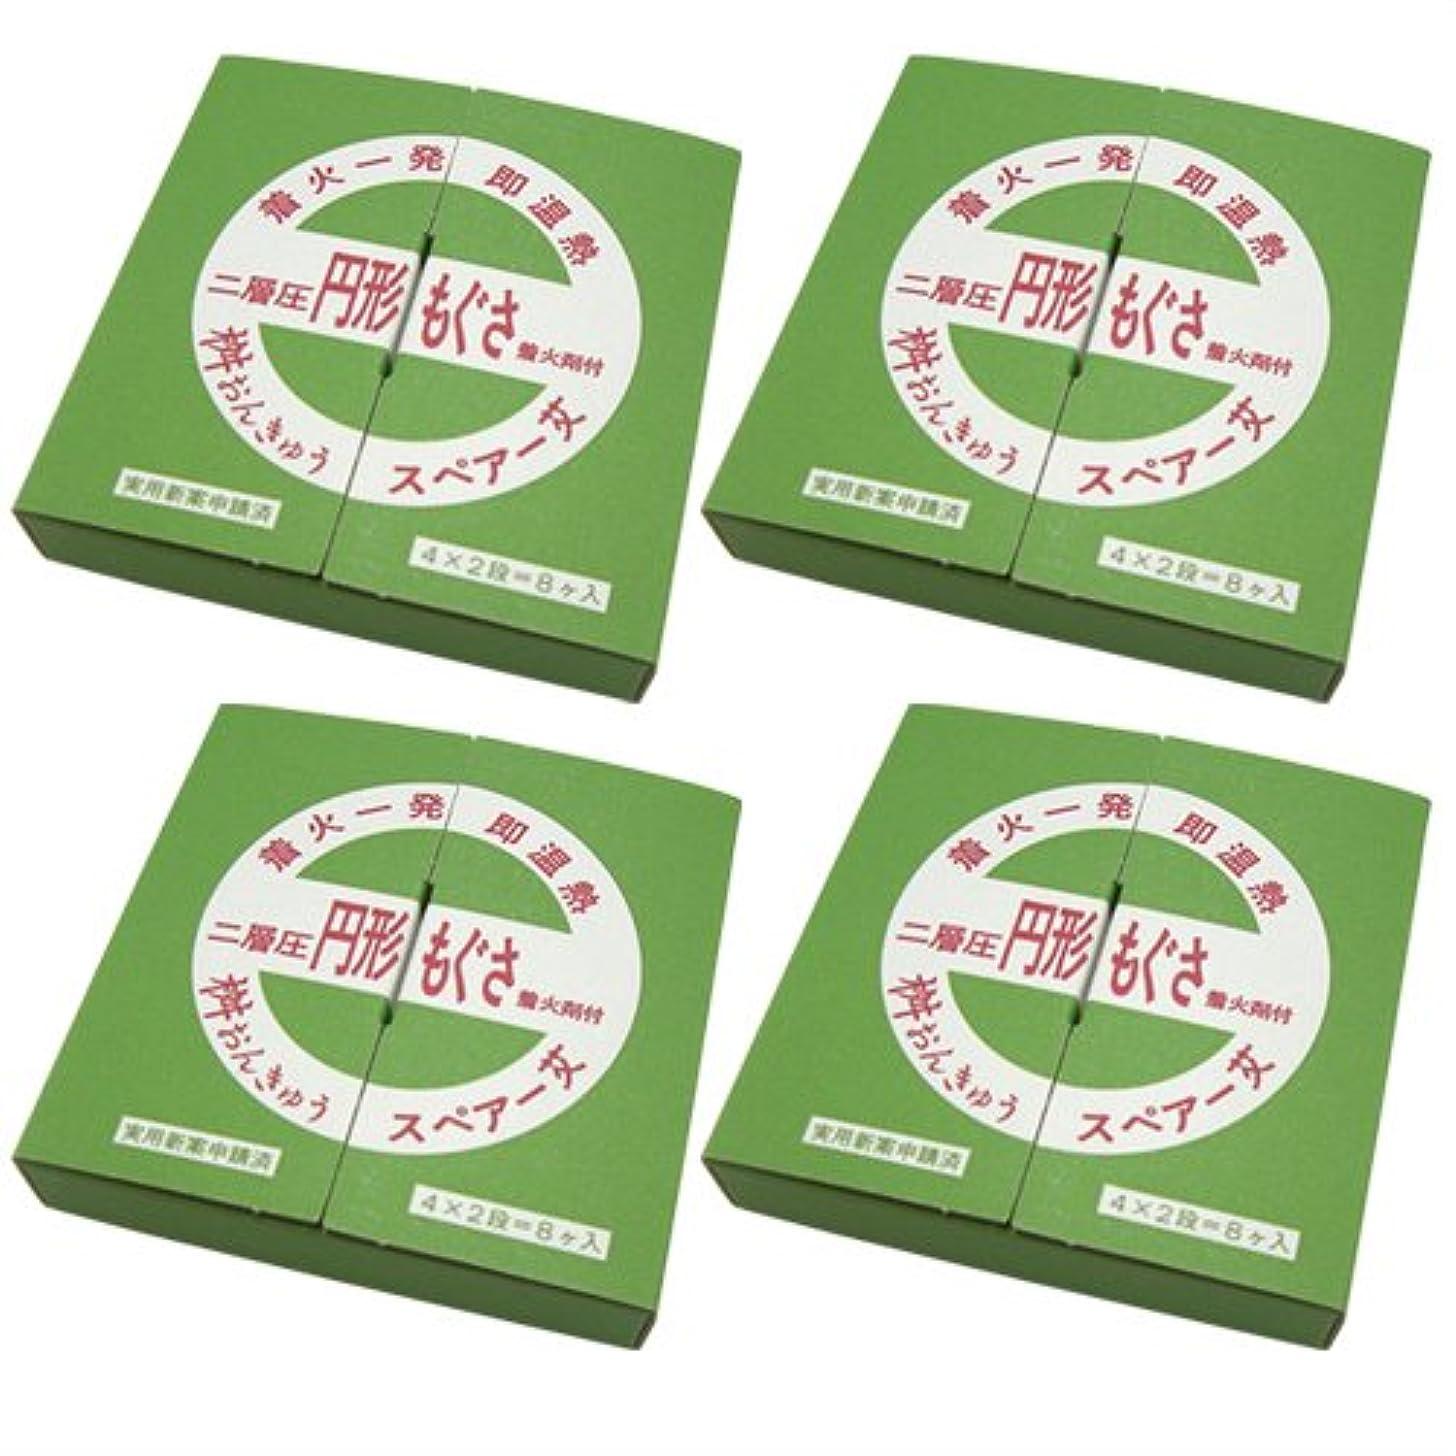 あいさつ私たち貸す桝おんきゅう用スペアもぐさ 二層圧 円形もぐさ (8ケ) ×4箱セット